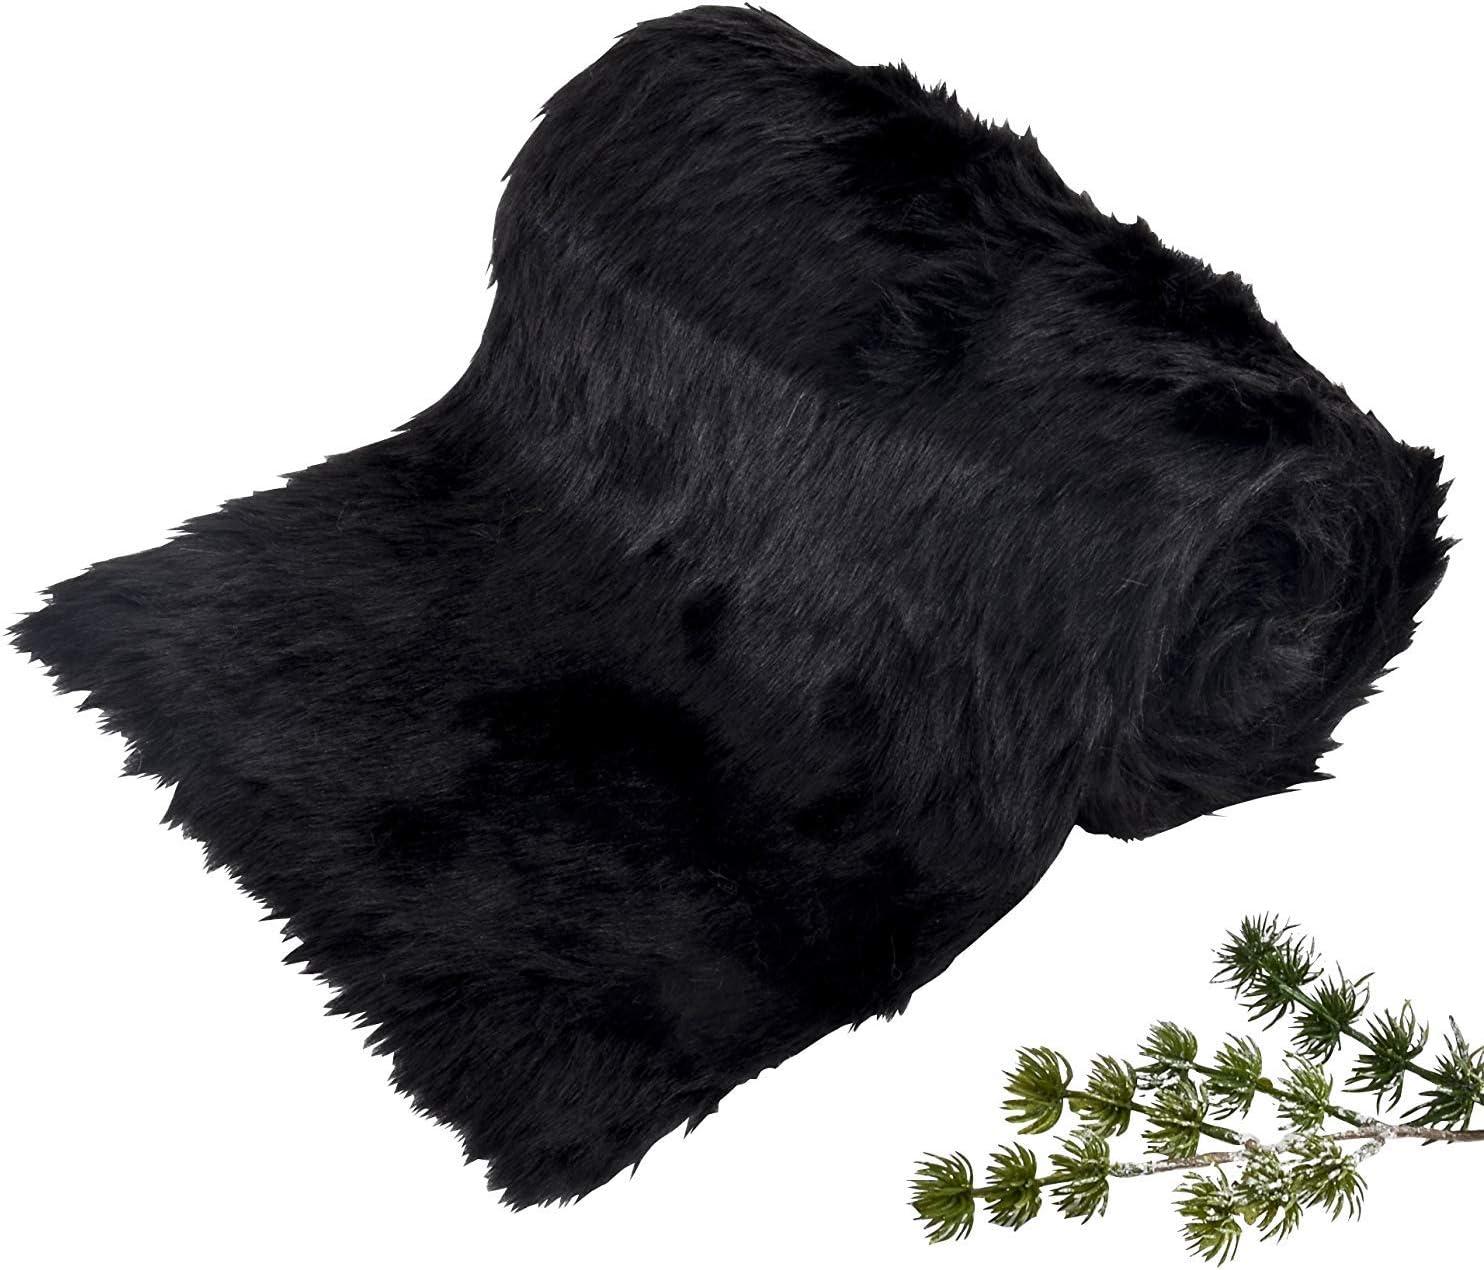 Schwarz Breite 20cm x L/änge 2m Living /& Lifestyle Fellband Tischband Kunstfell Xmas Weihnachten Dekoband Dekoration